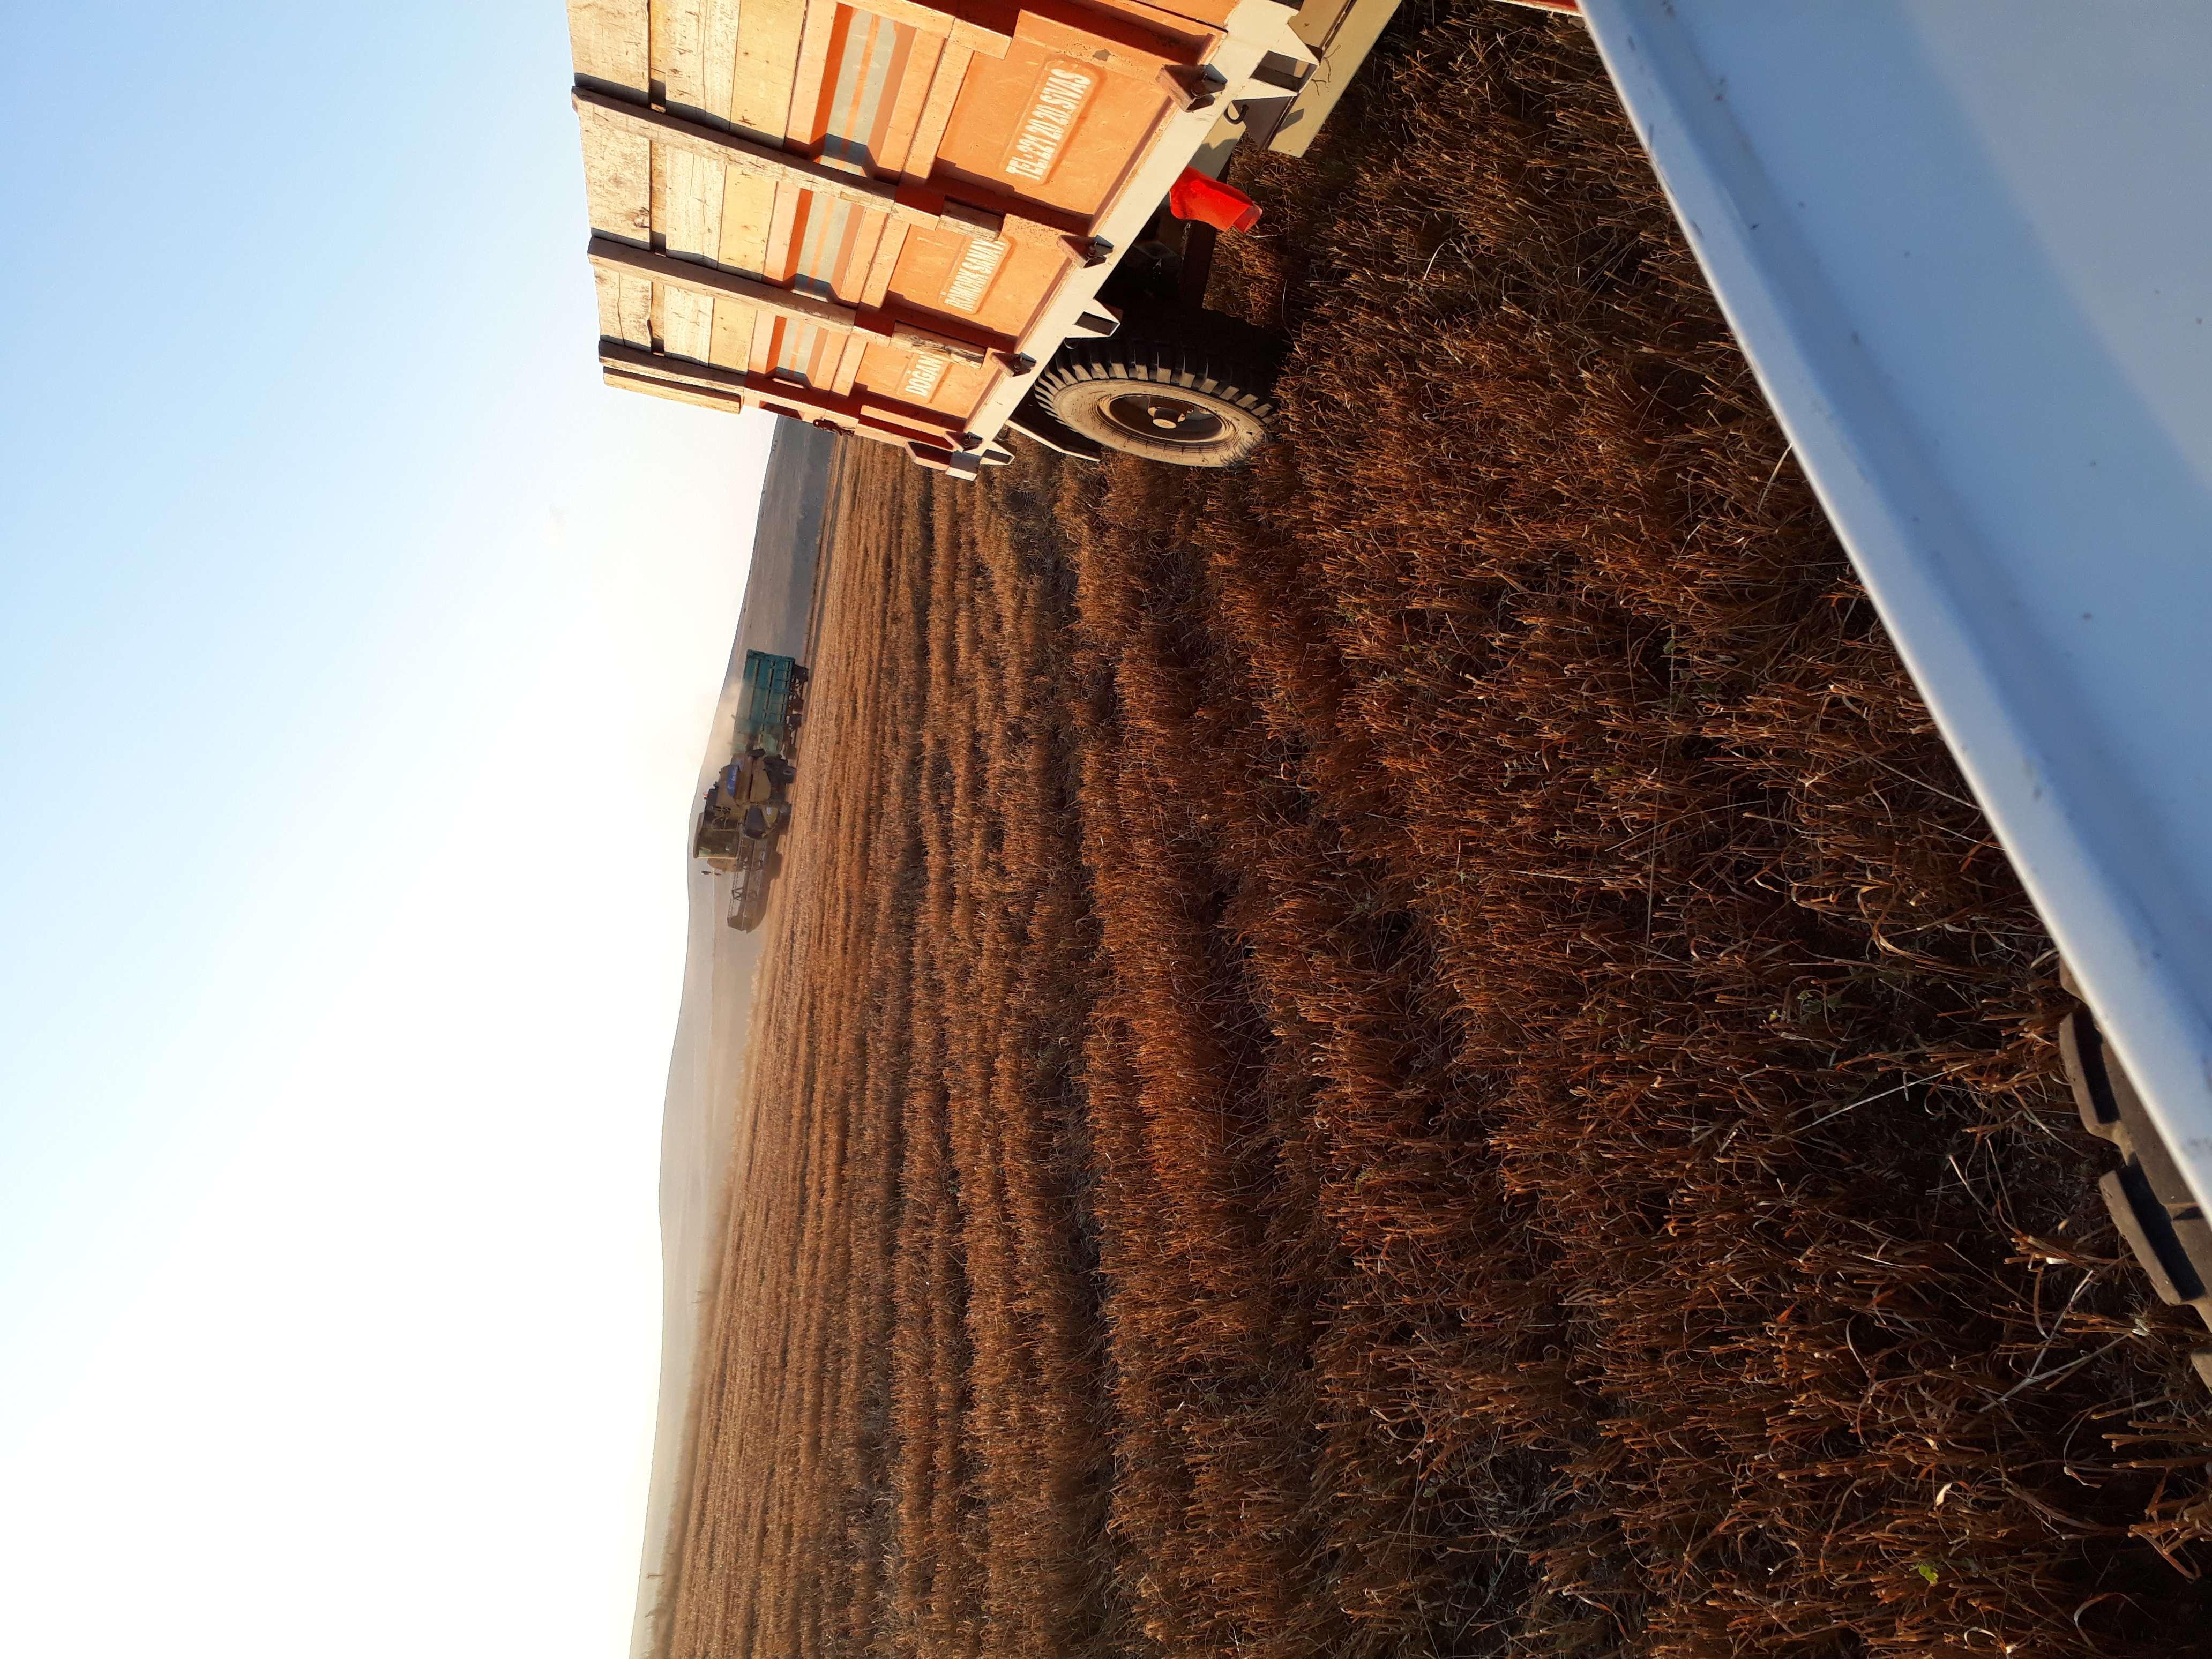 Buğday samanı - Üretici Orhan Yalçın 400 tl fiyat ile 30 kilogram buğday samanı  satmak istiyor